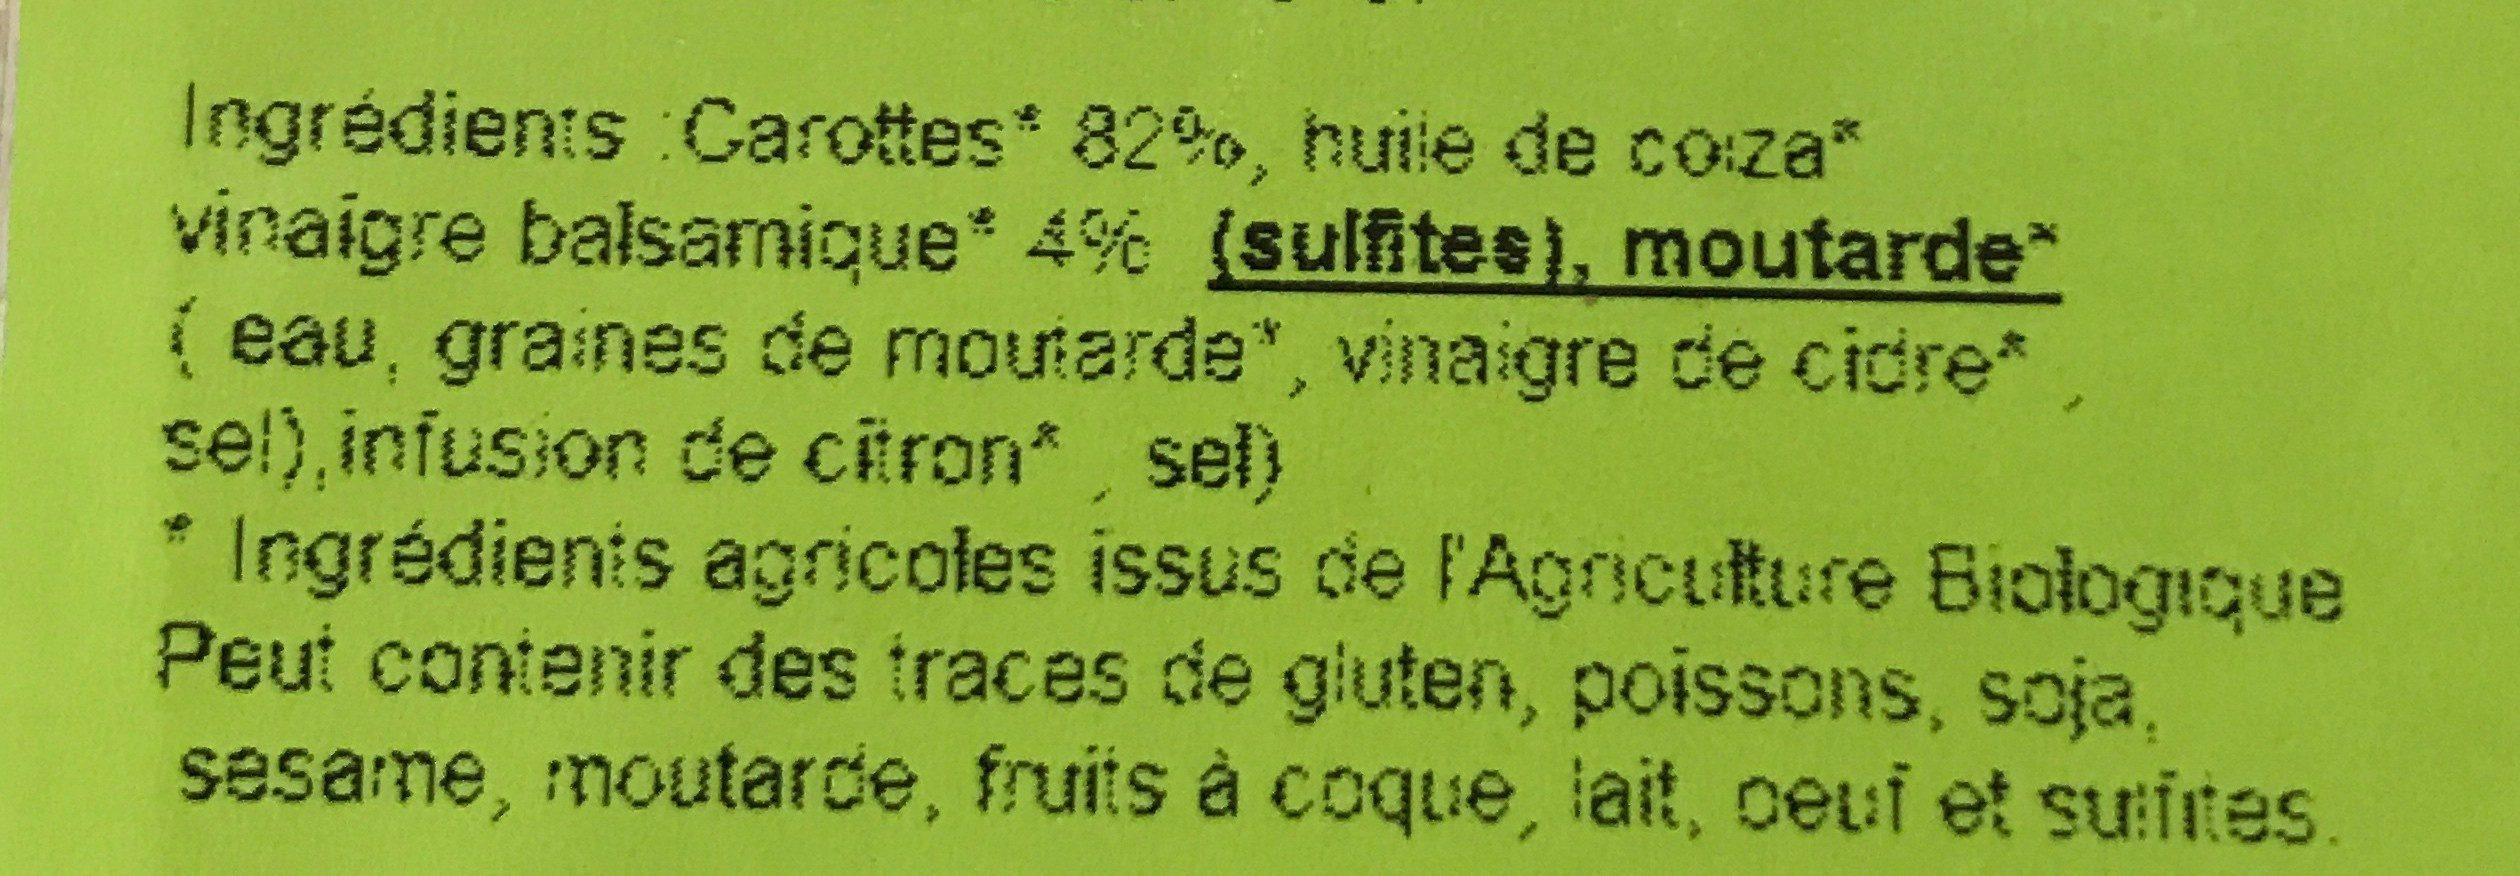 Les petites salades - Carottes râpées - Ingrédients - fr